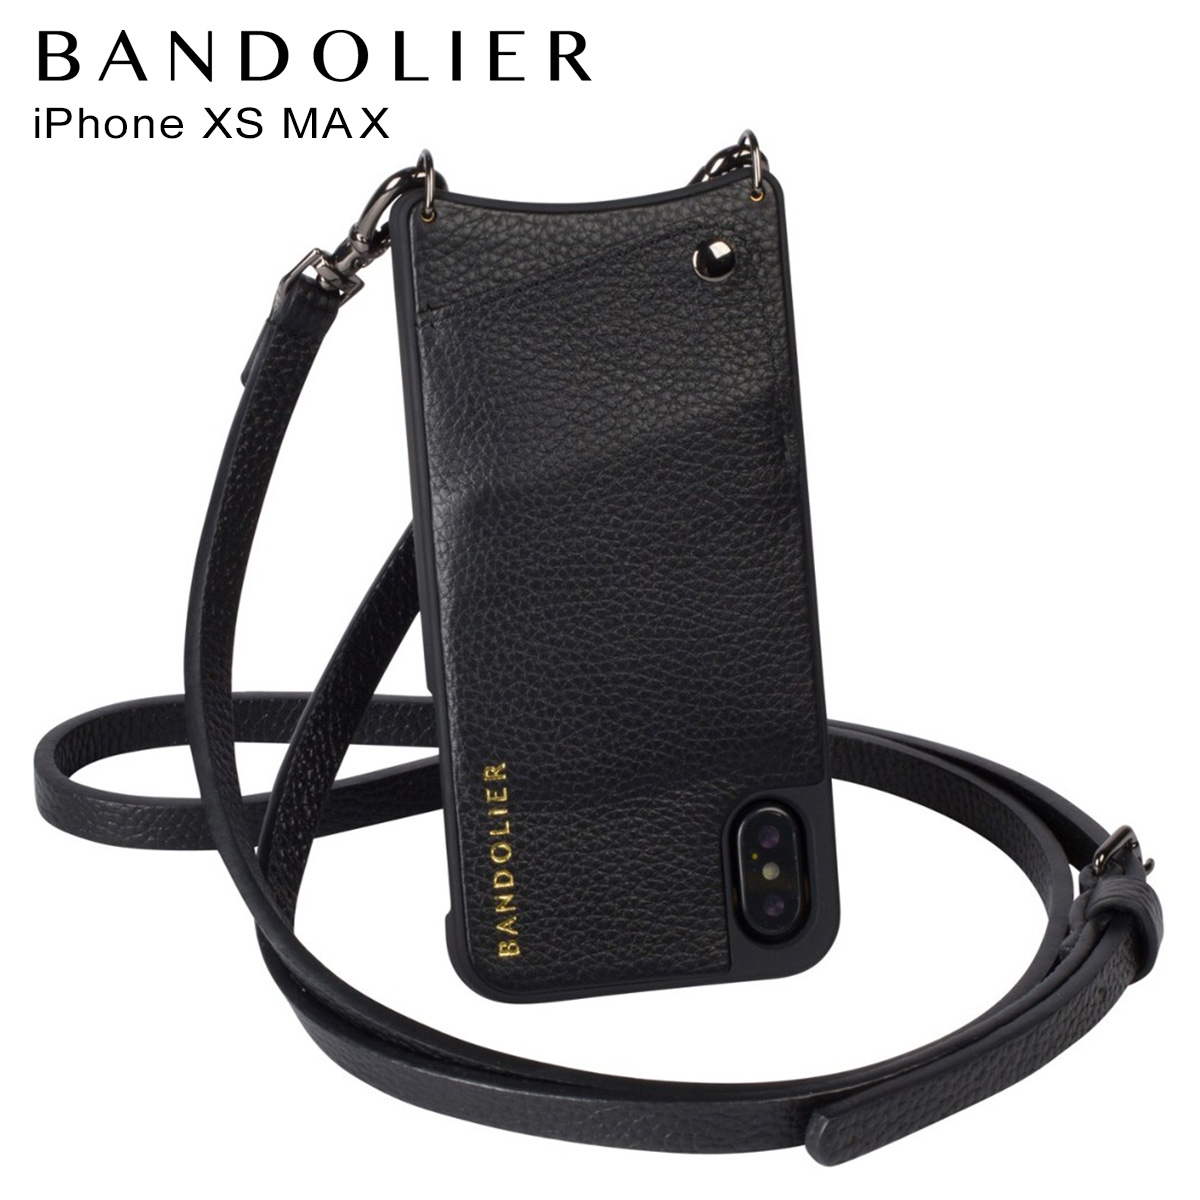 BANDOLIER バンドリヤー iPhone XS MAX ケース ショルダー スマホ アイフォン レザー EMMA PEWTER メンズ レディース ブラック 10EMM1001 [4/18 再入荷]